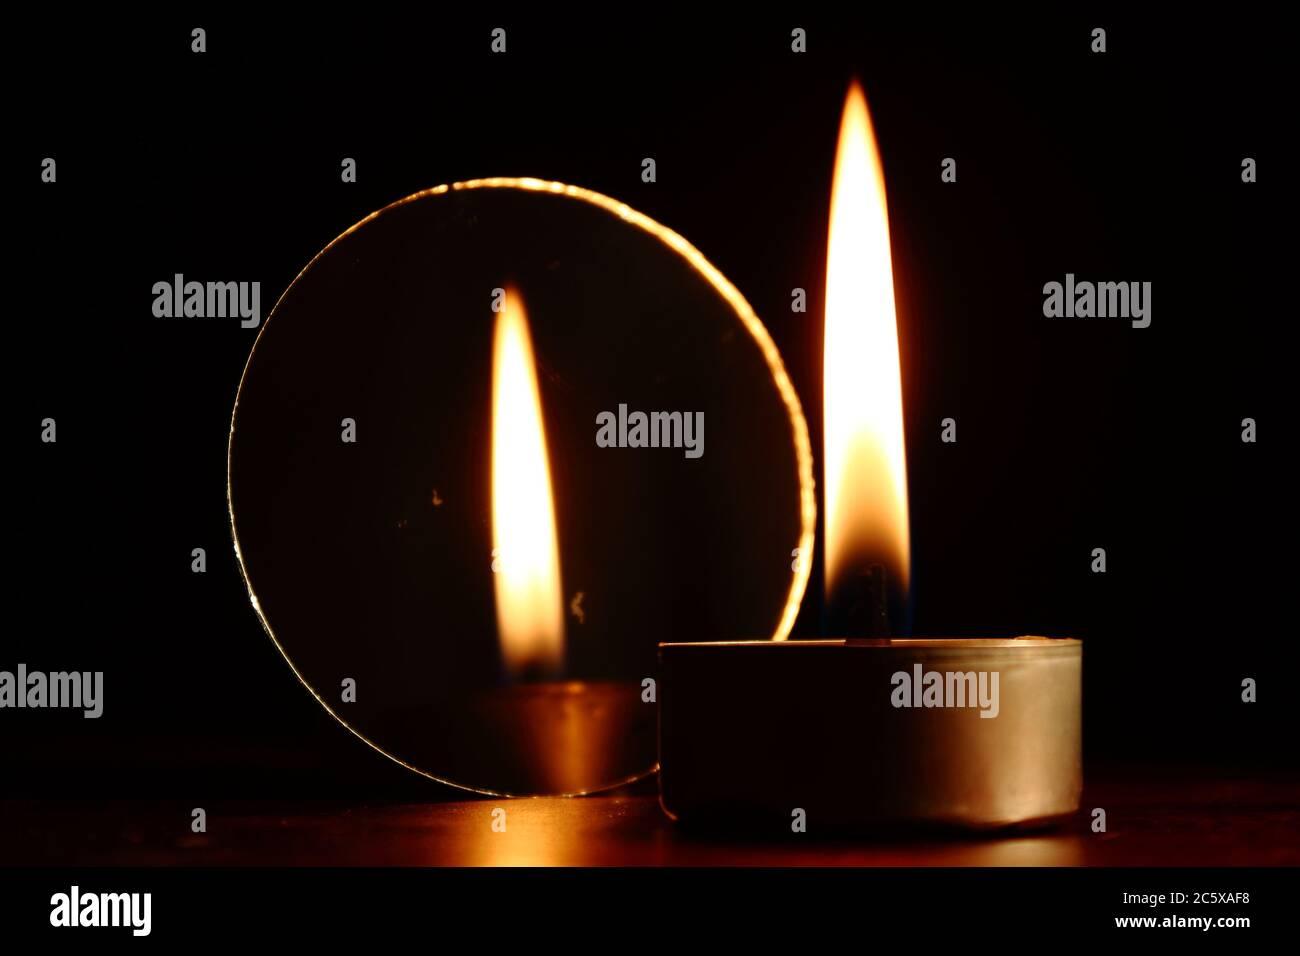 vela ardiente junto a un espejo que muestra su reflejo, fondo oscuro Foto de stock